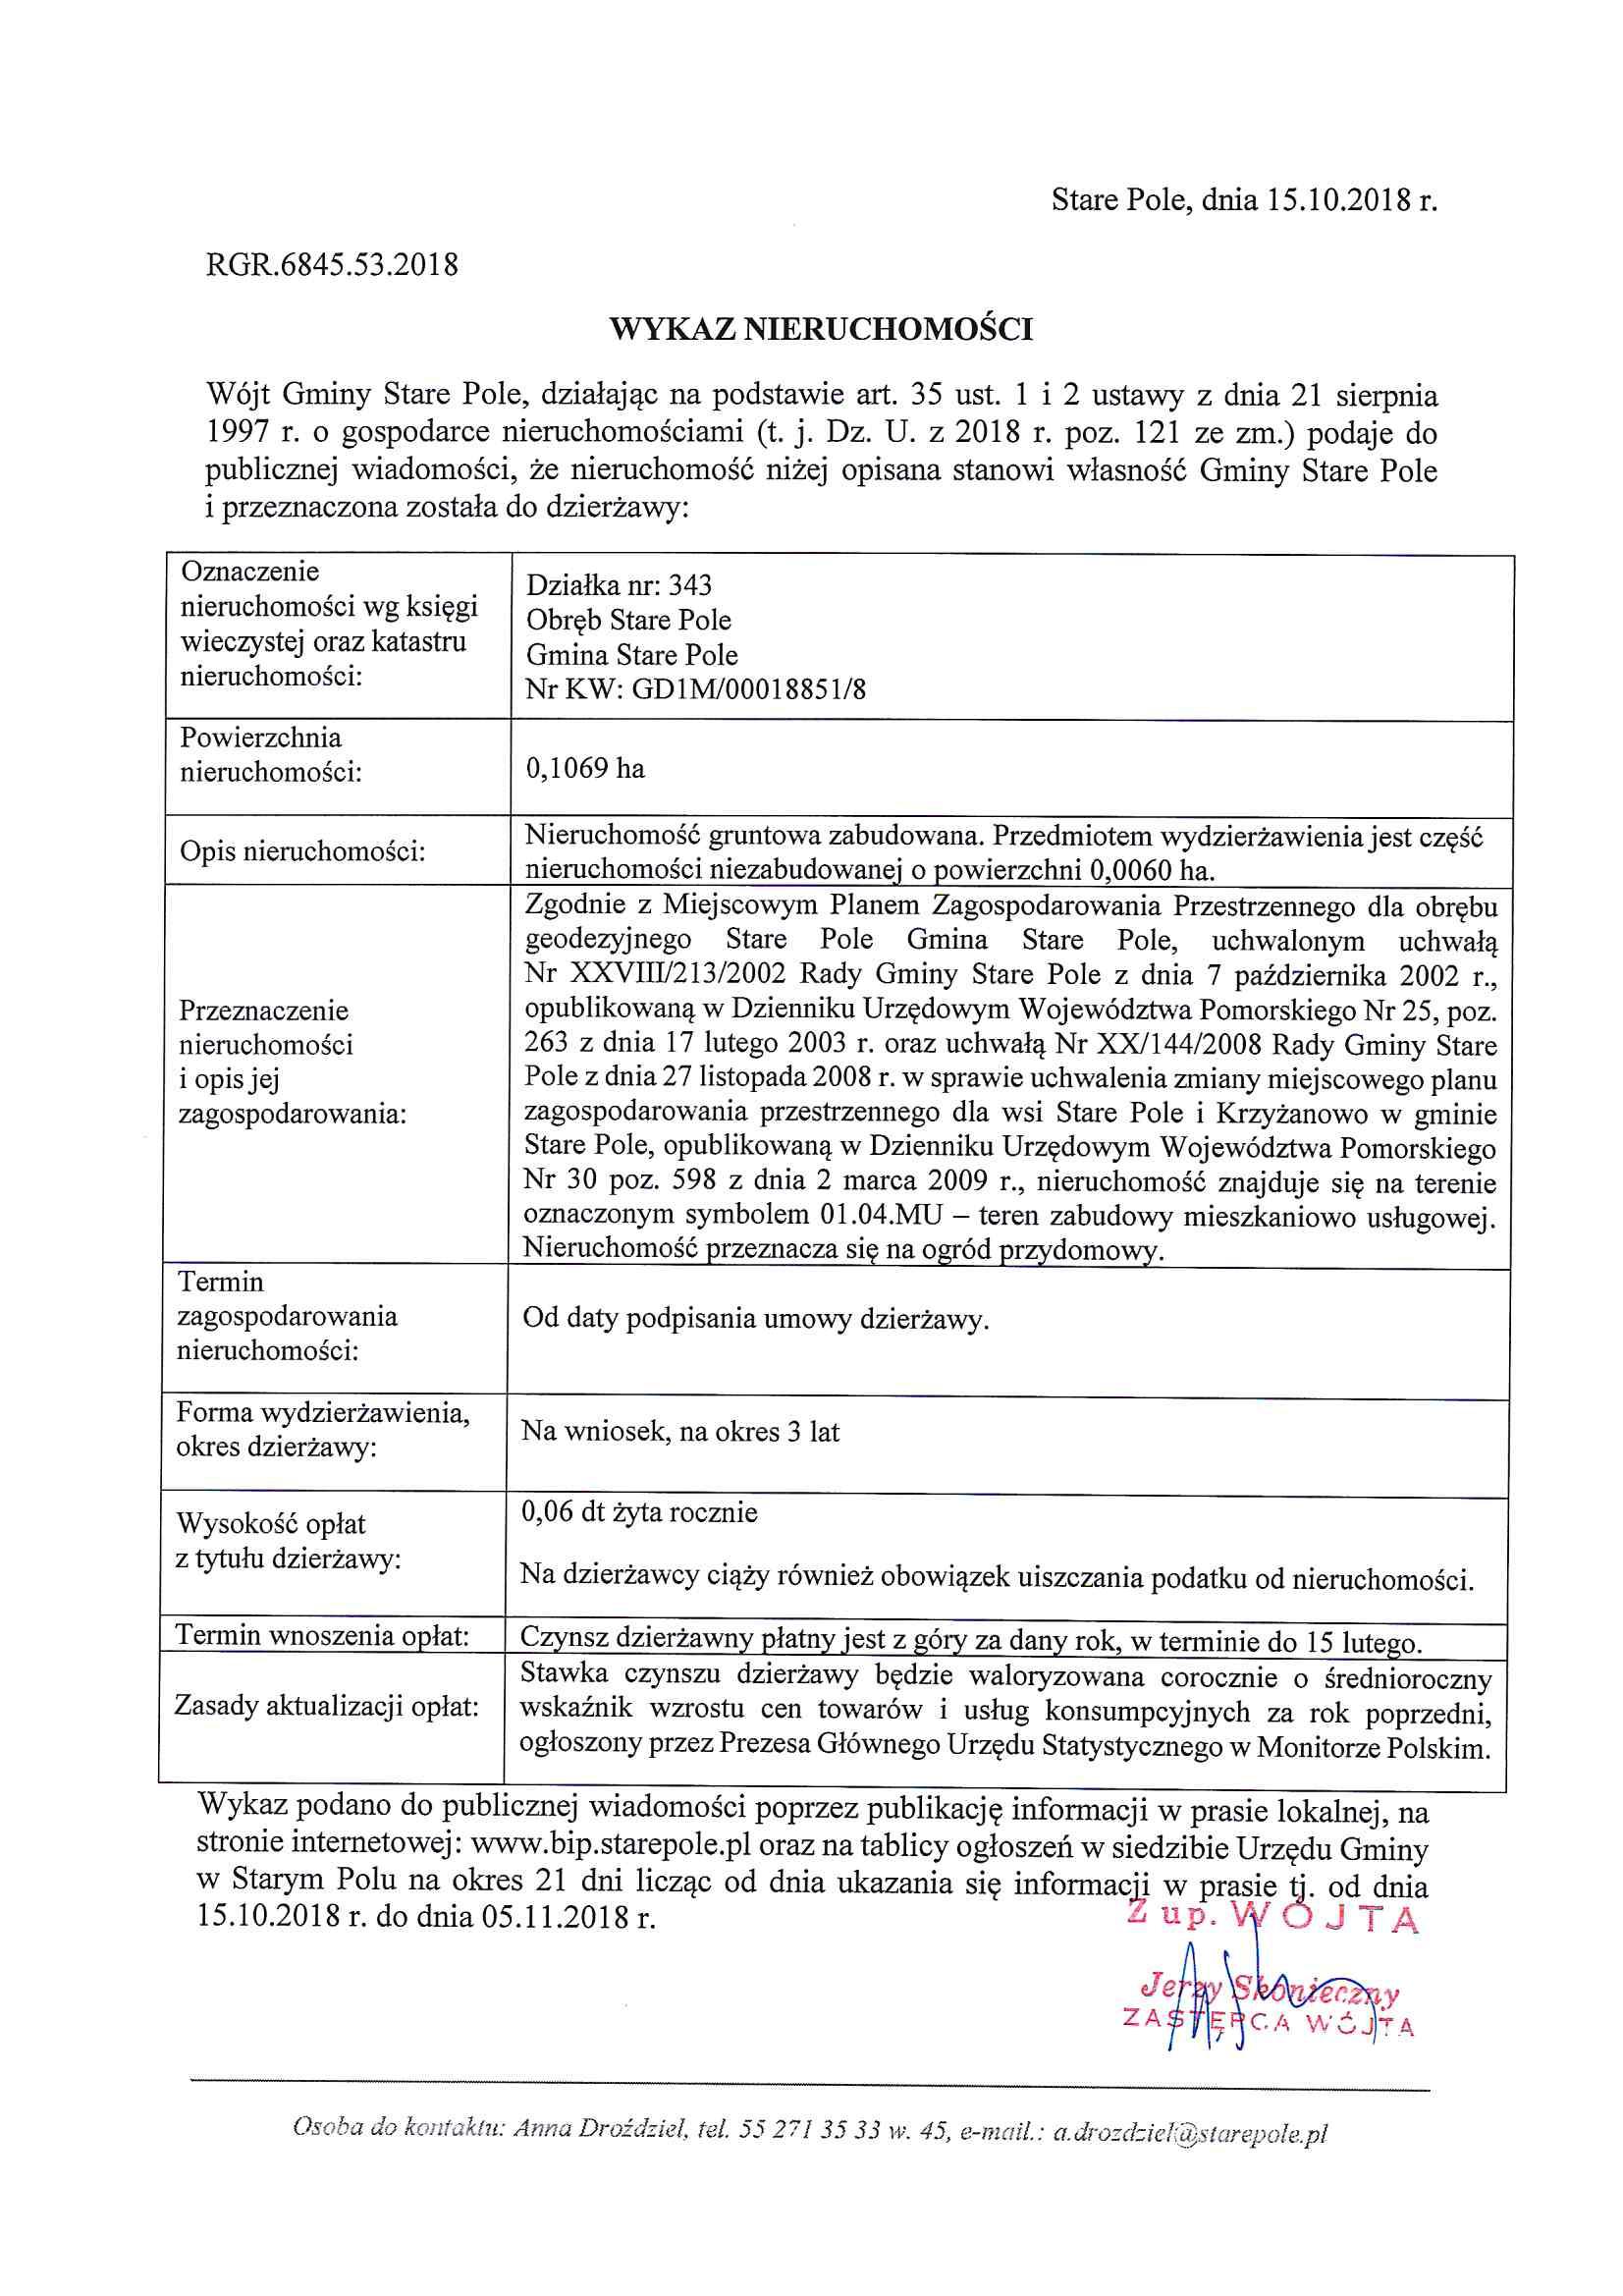 Wykaz z dnia 15 października 2018 r. nieruchomości przeznaczonych do dzierżawy - II